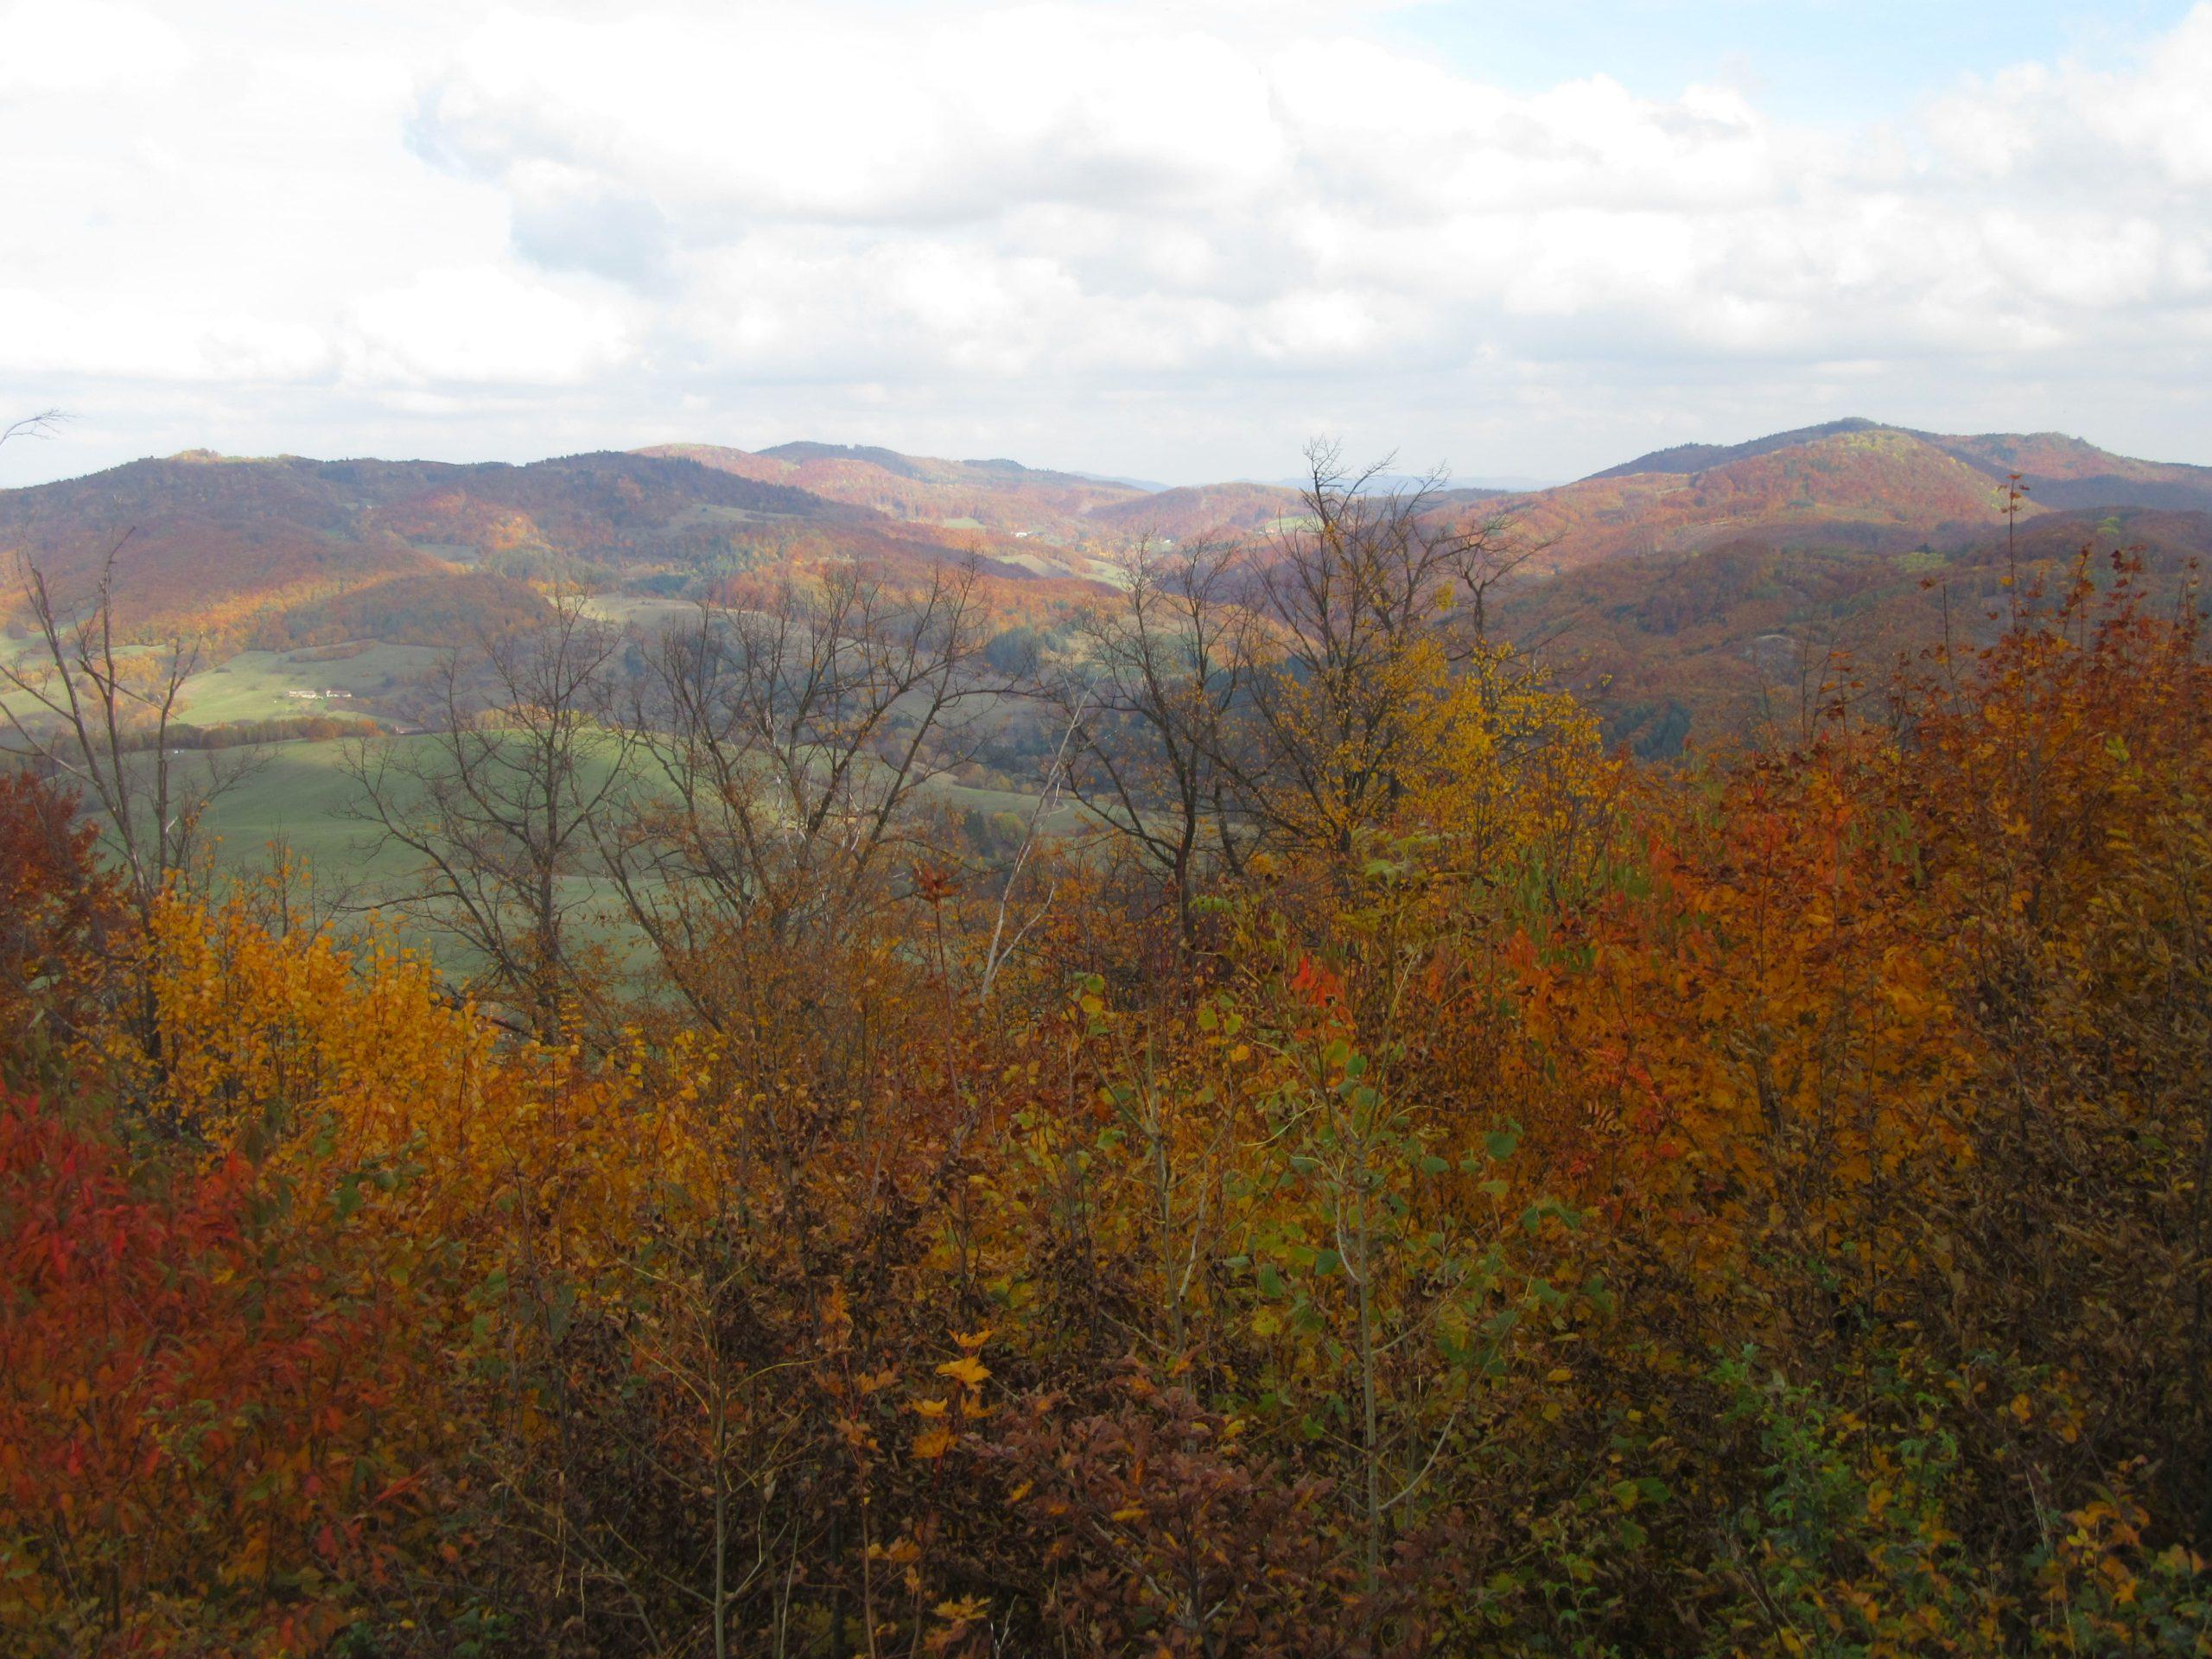 montagne en Slovaquie à l'automne